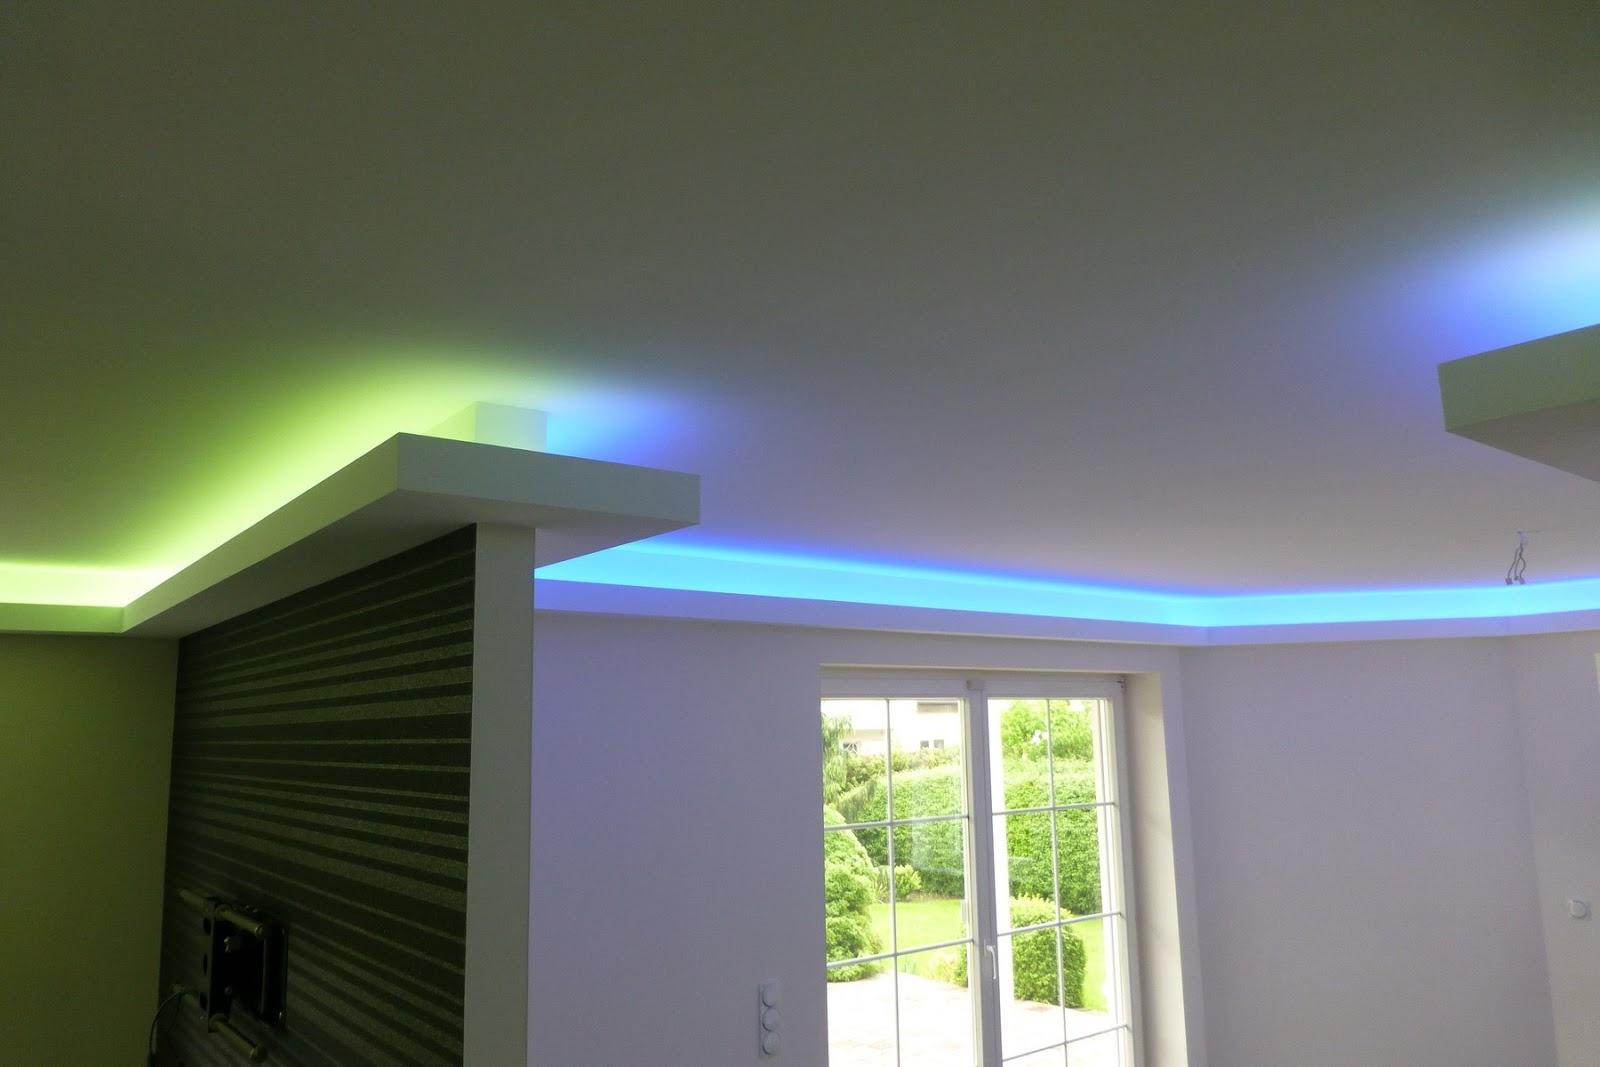 Full Size of Indirekte Beleuchtung Im Wohnzimmer Indirekte Beleuchtung Wohnzimmer Boden Indirekte Beleuchtung Wohnzimmer Ideen Indirekte Beleuchtung Wohnzimmer Wand Wohnzimmer Indirekte Beleuchtung Wohnzimmer